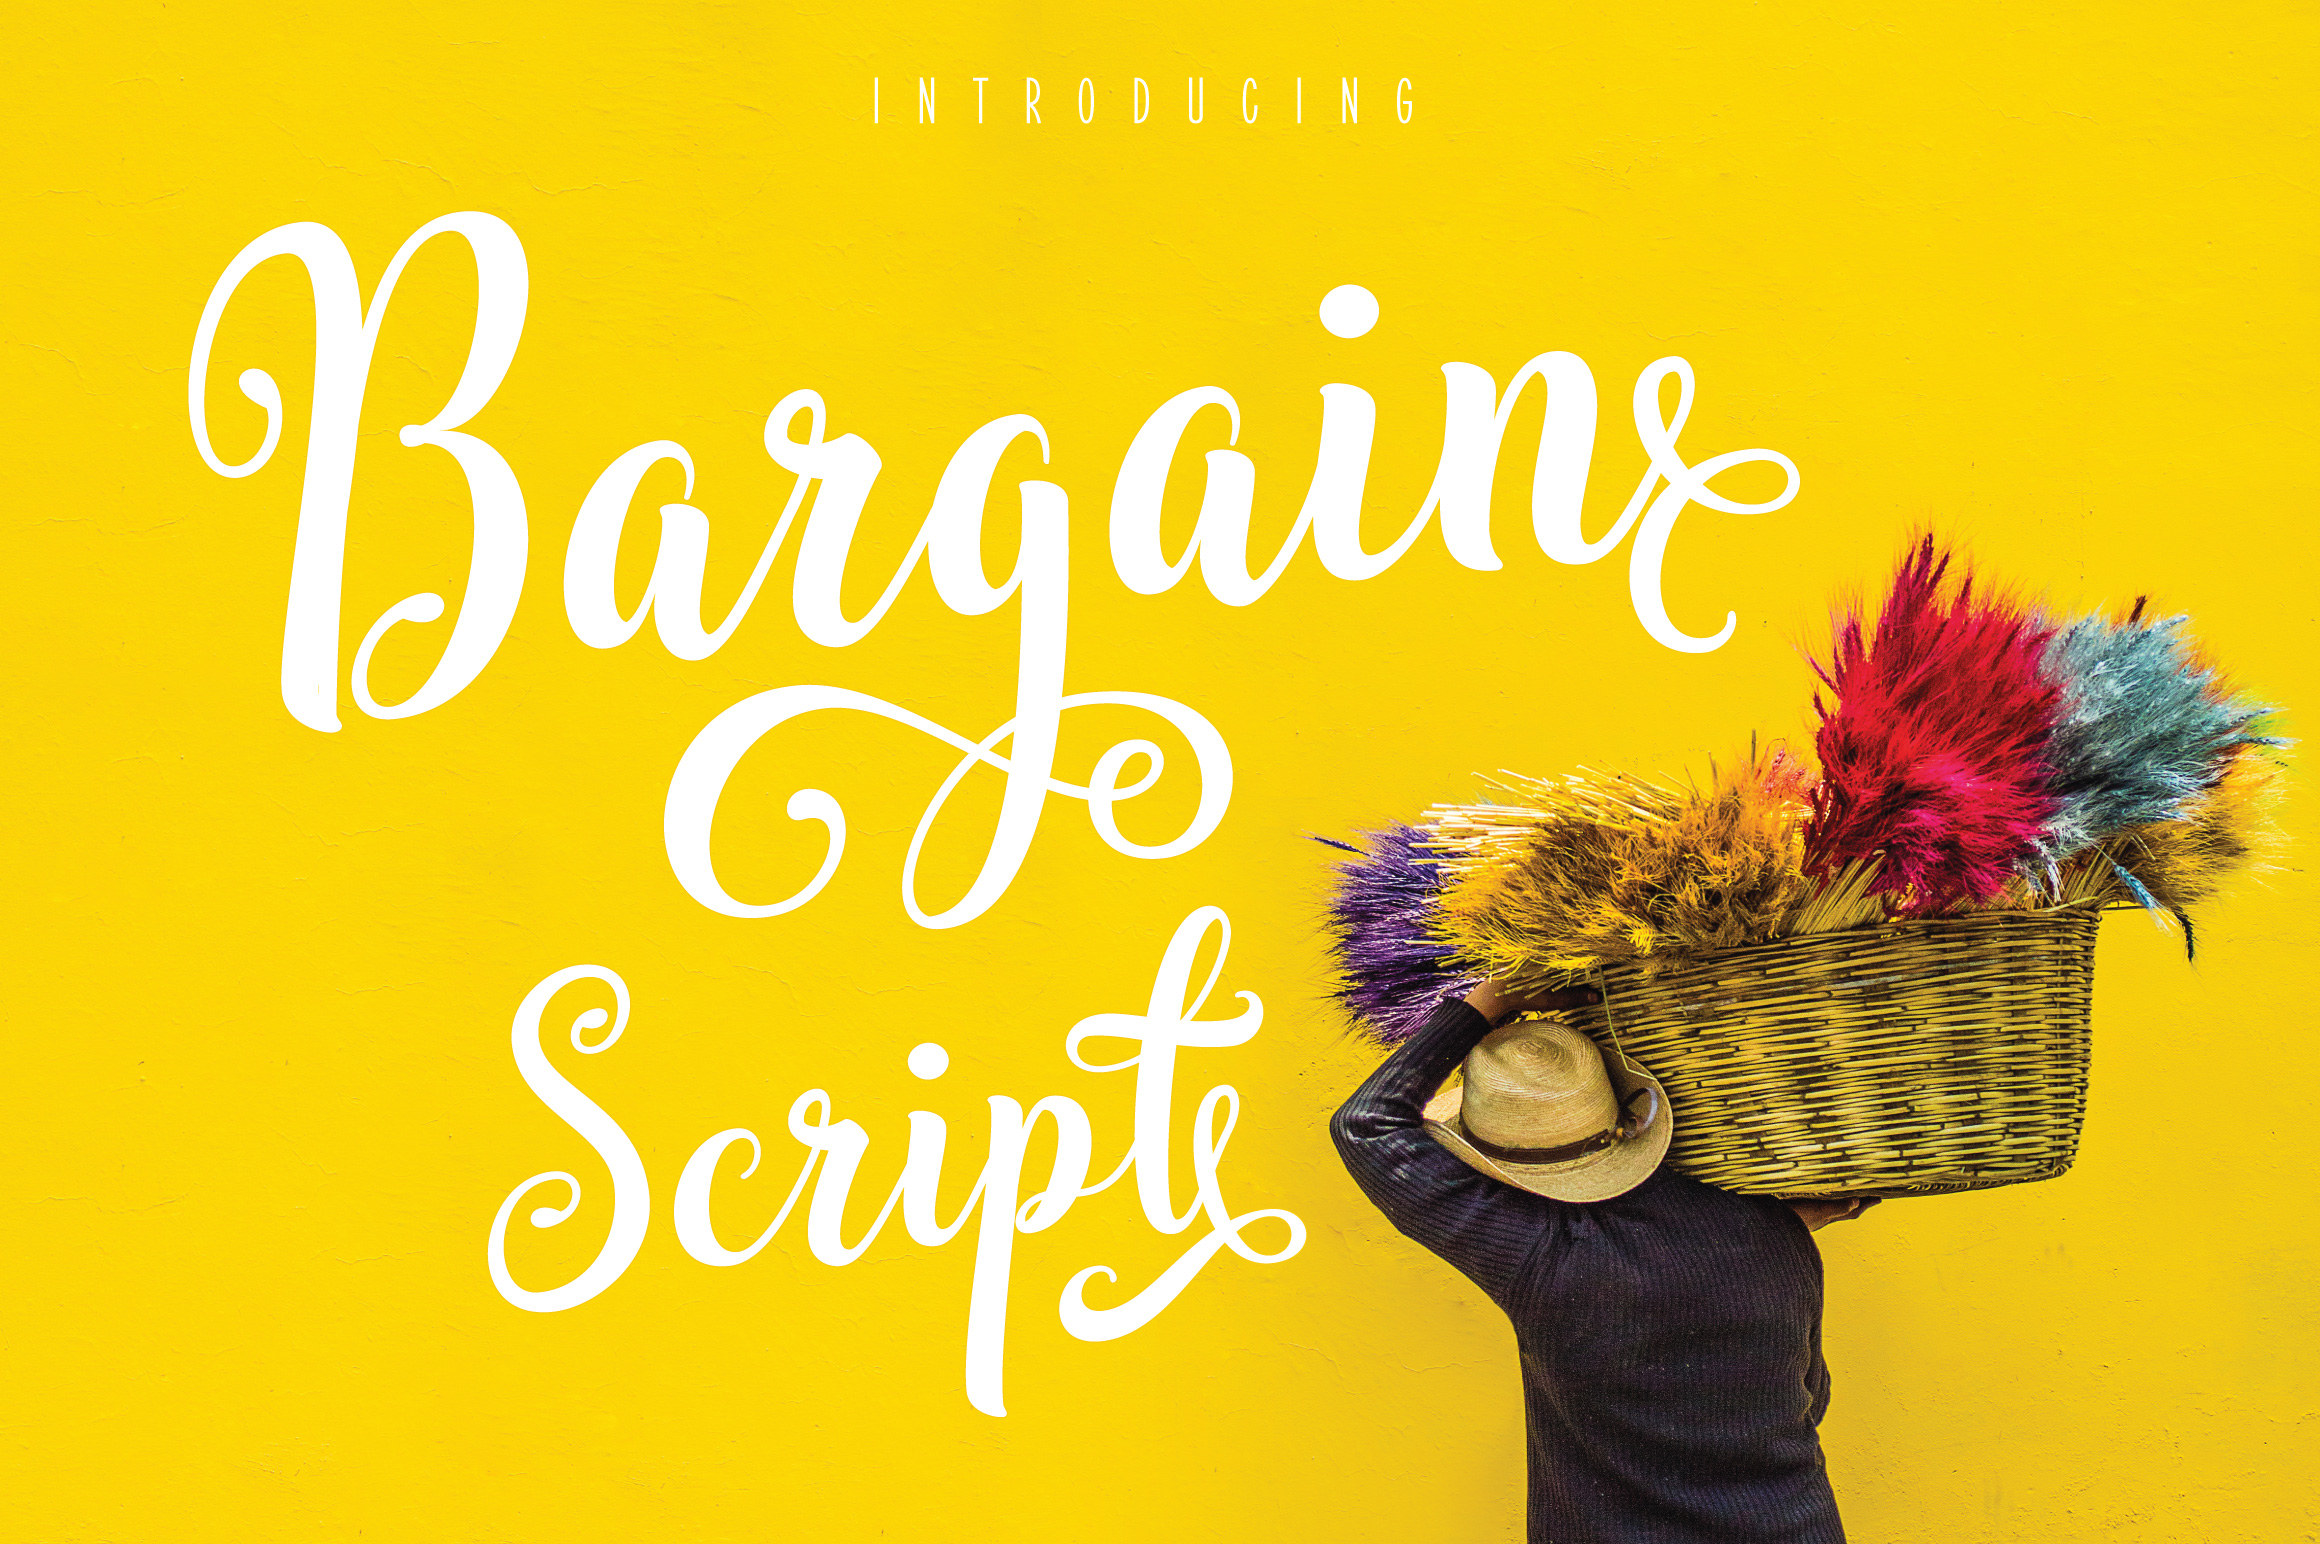 Bargain Script example image 1